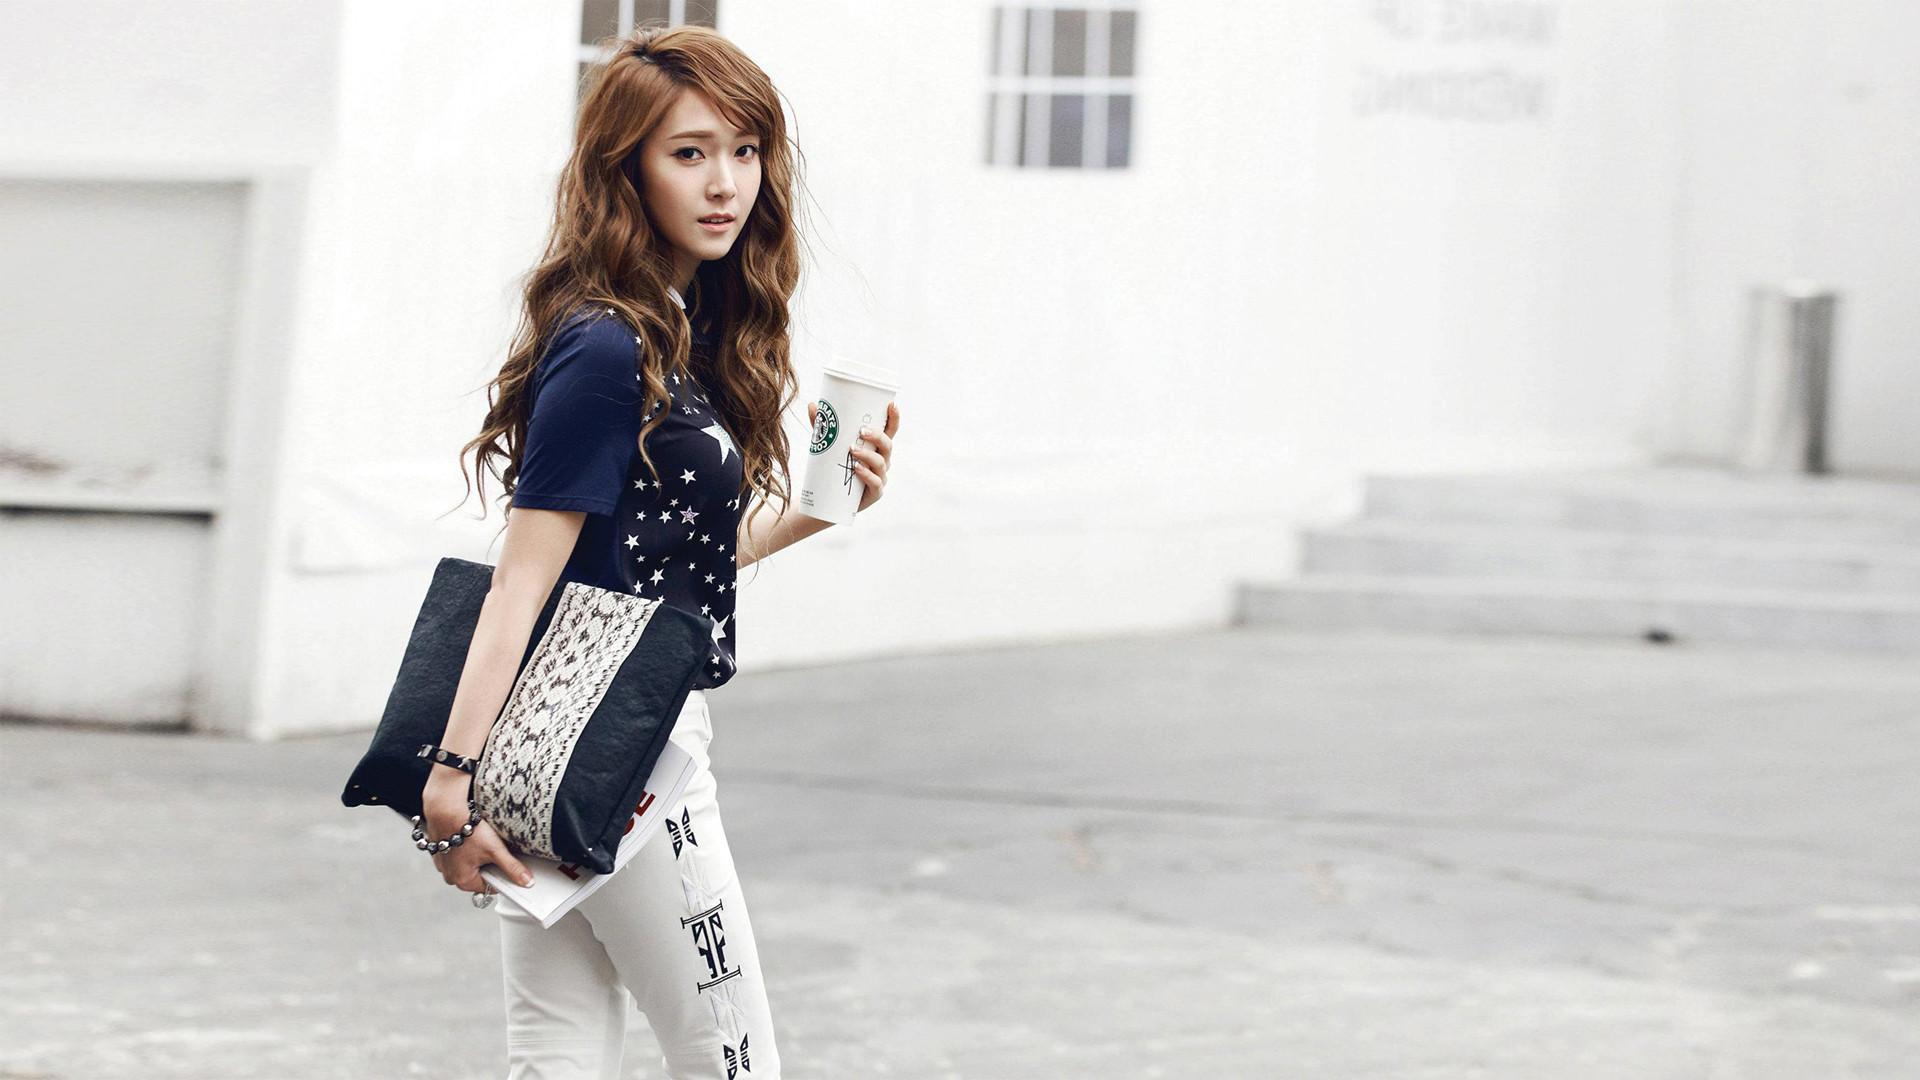 Yoga Pants Anime Girl Wallpaper Girls S Generation Anime Korean K Pop Snsd Jessica